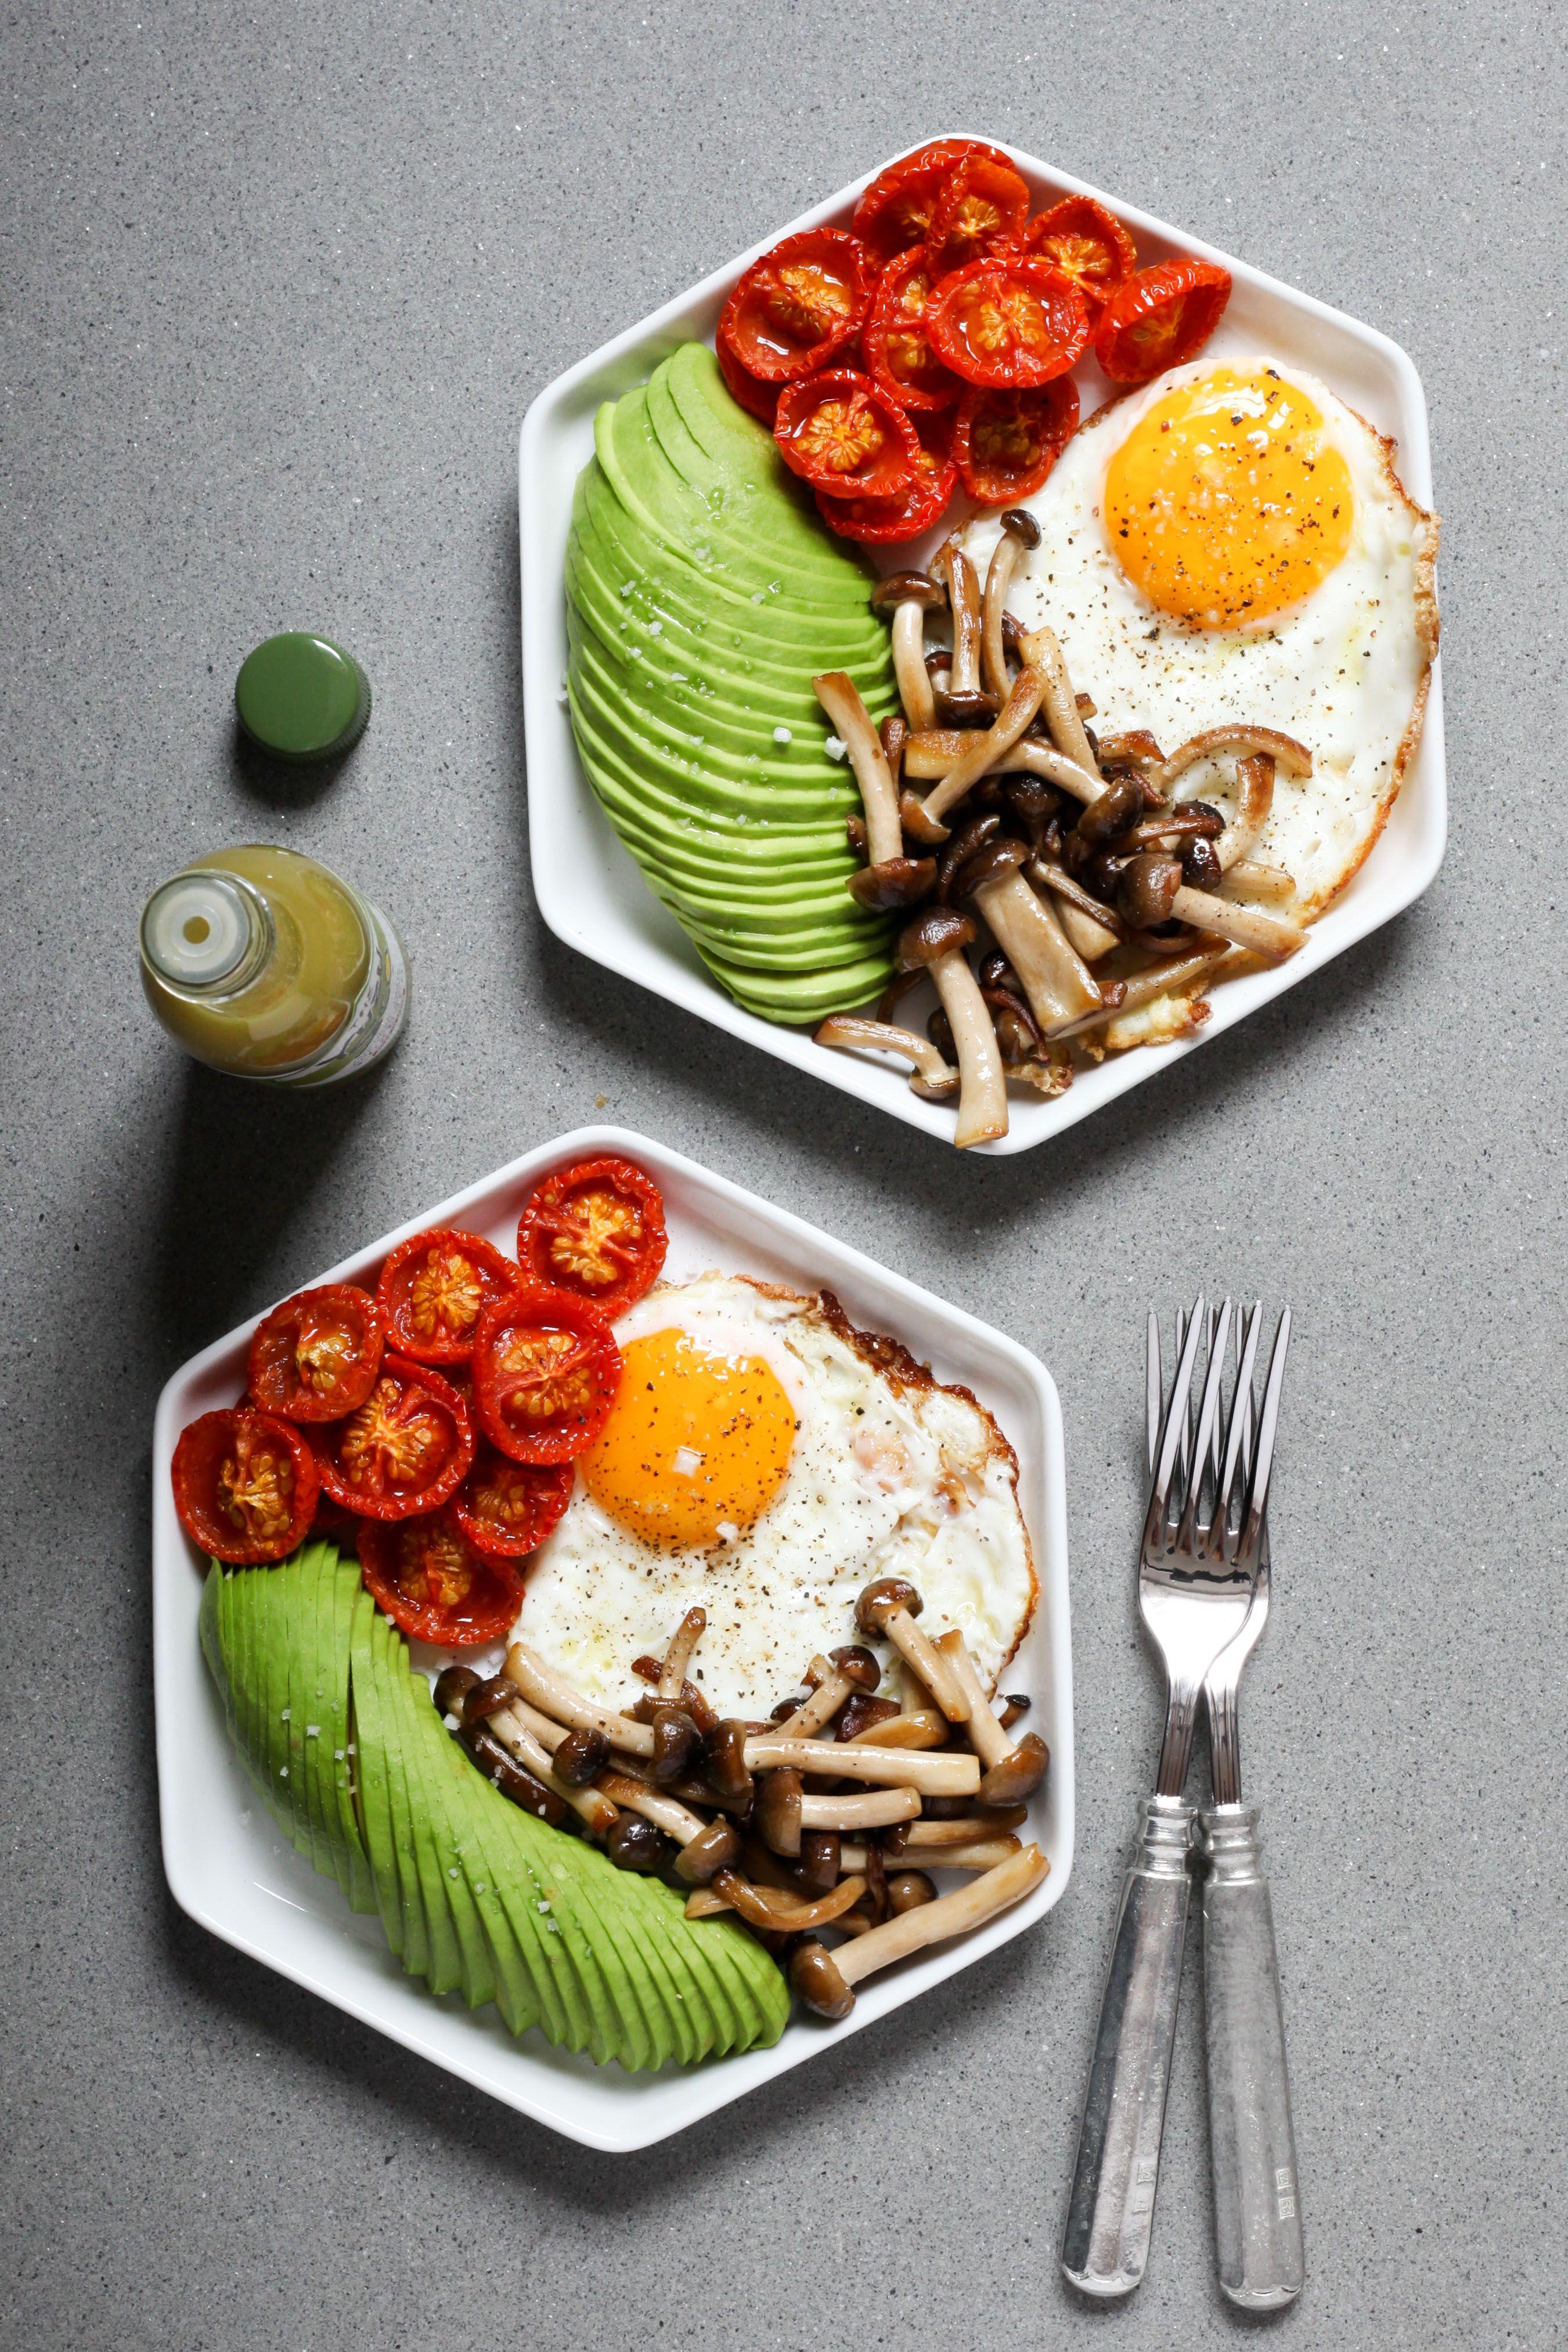 Avocado Recipes Toast Fried Eggs